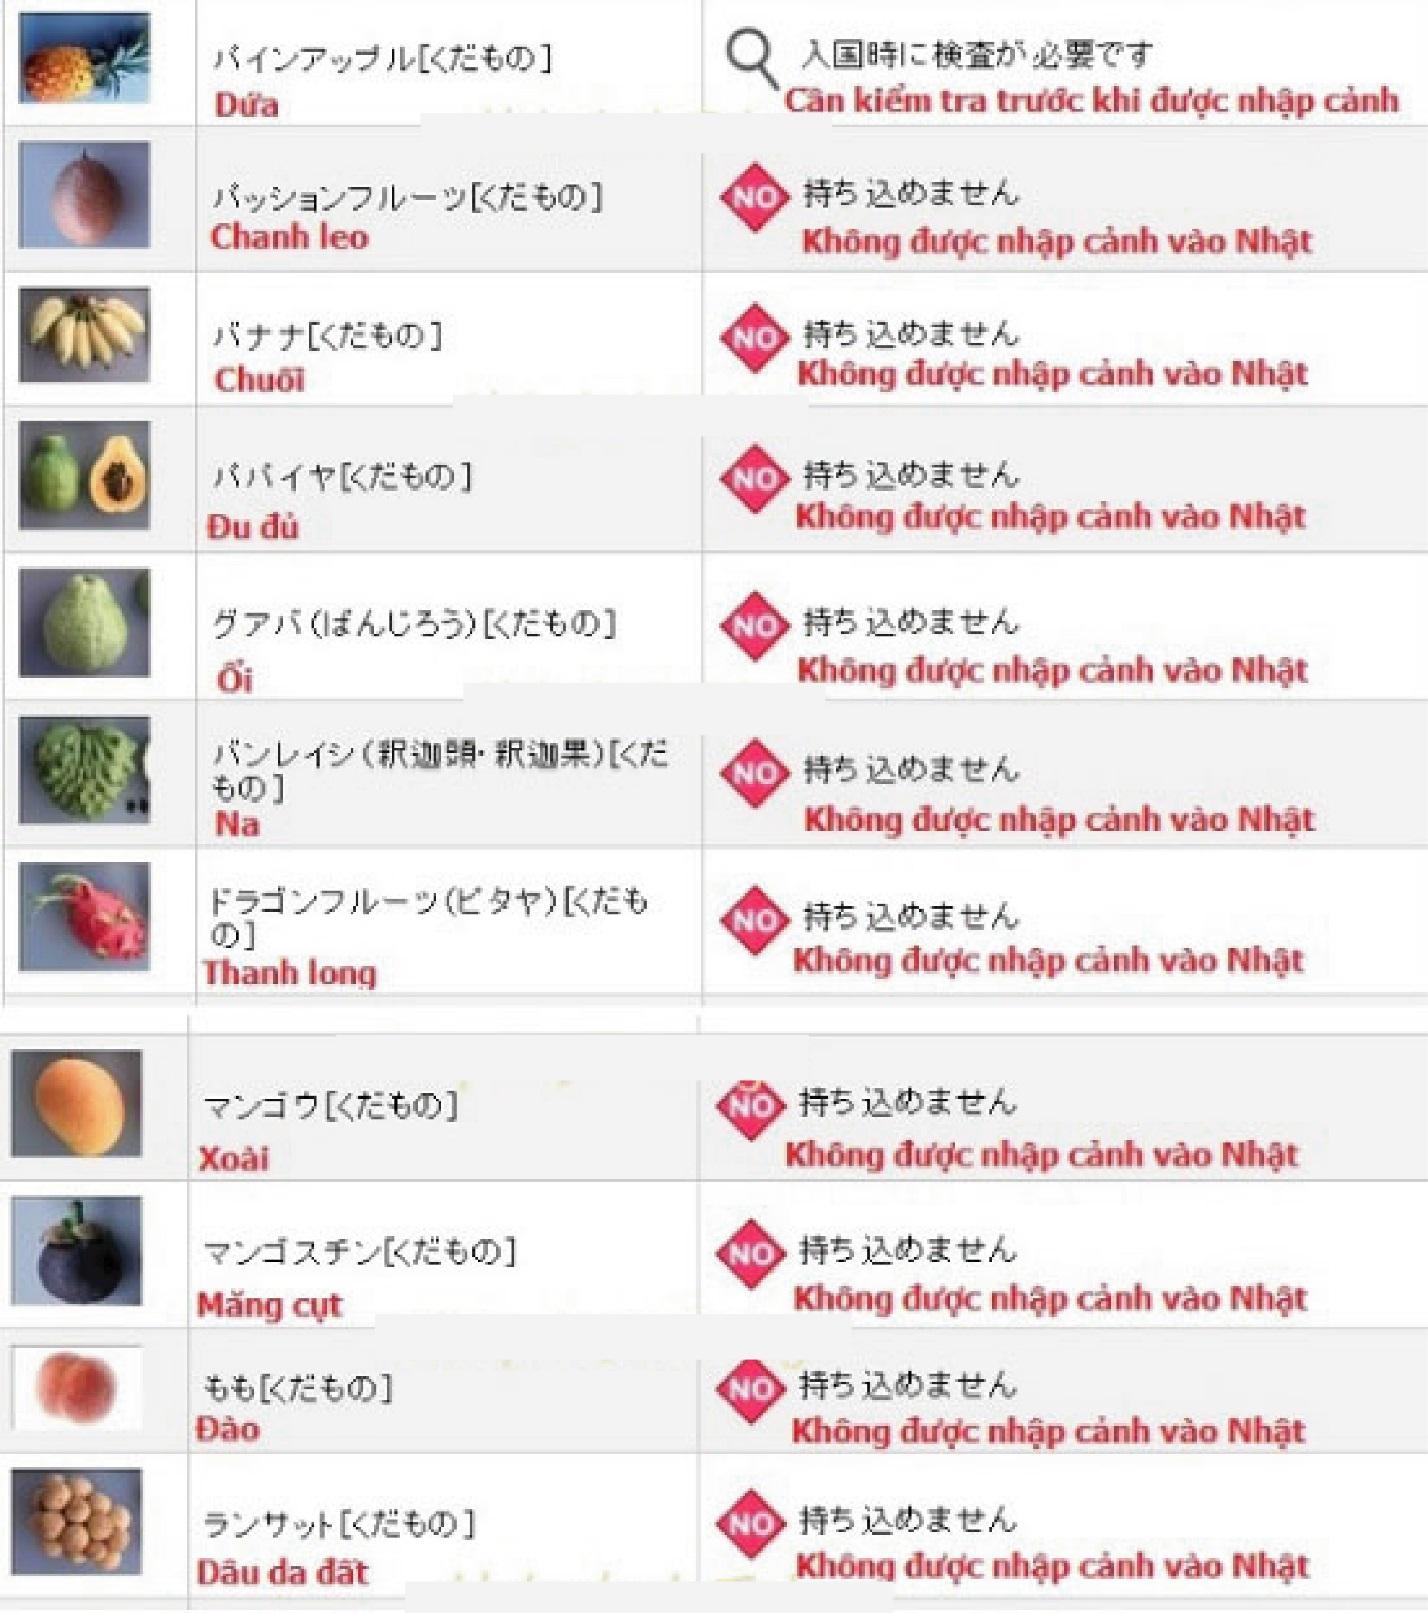 Thực phẩm nào bị cấm nhập cảnh vào Nhật Bản 7